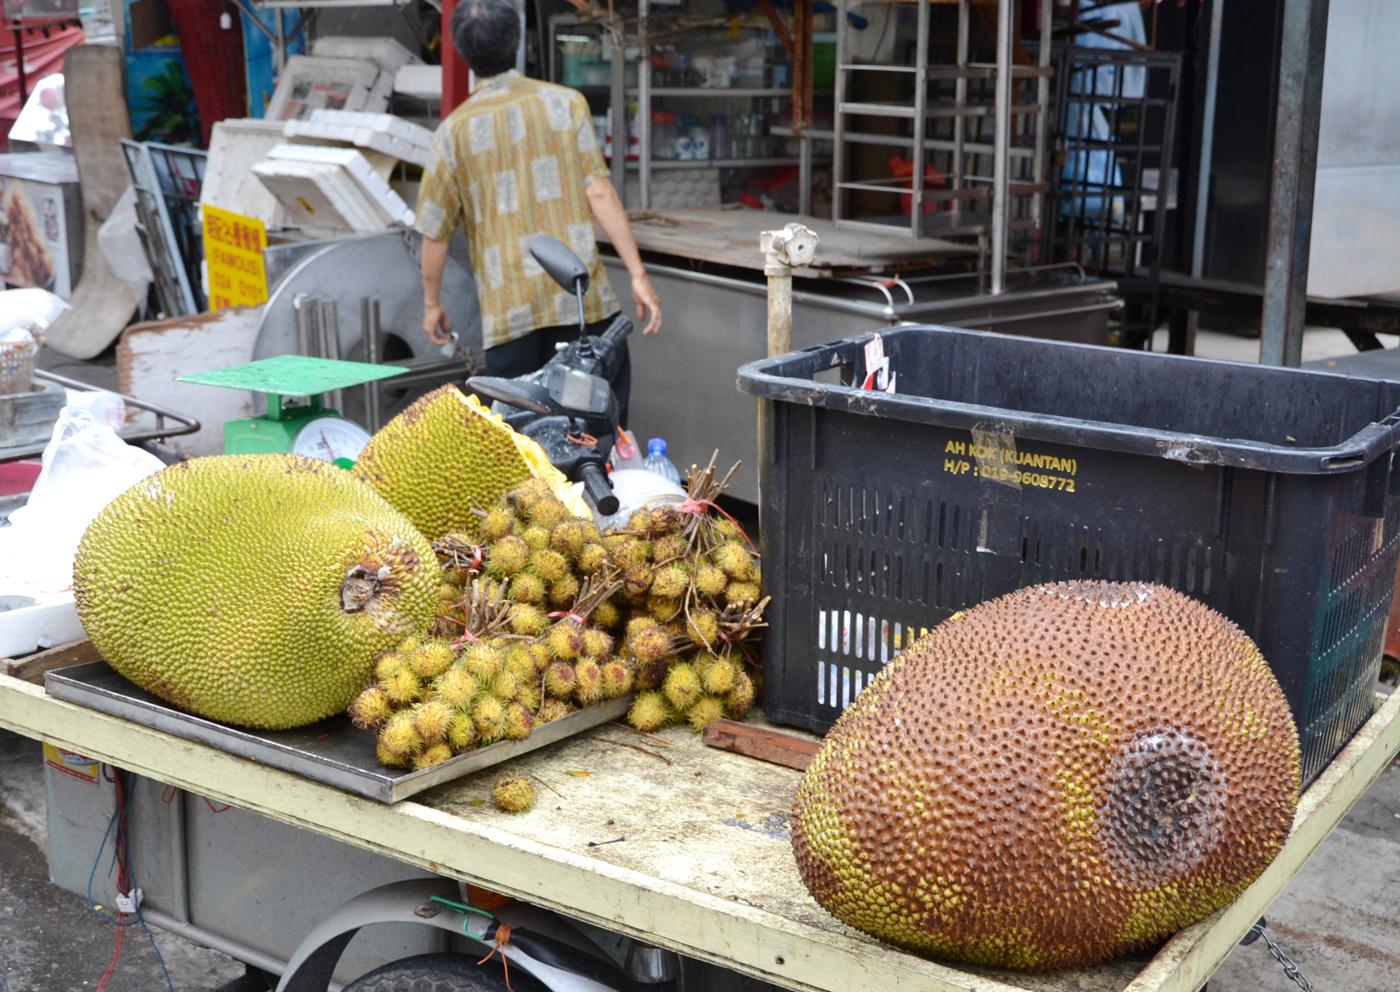 What-to-do-in-Kuala-Lumpur-gucki-market-fruits-jackfruit